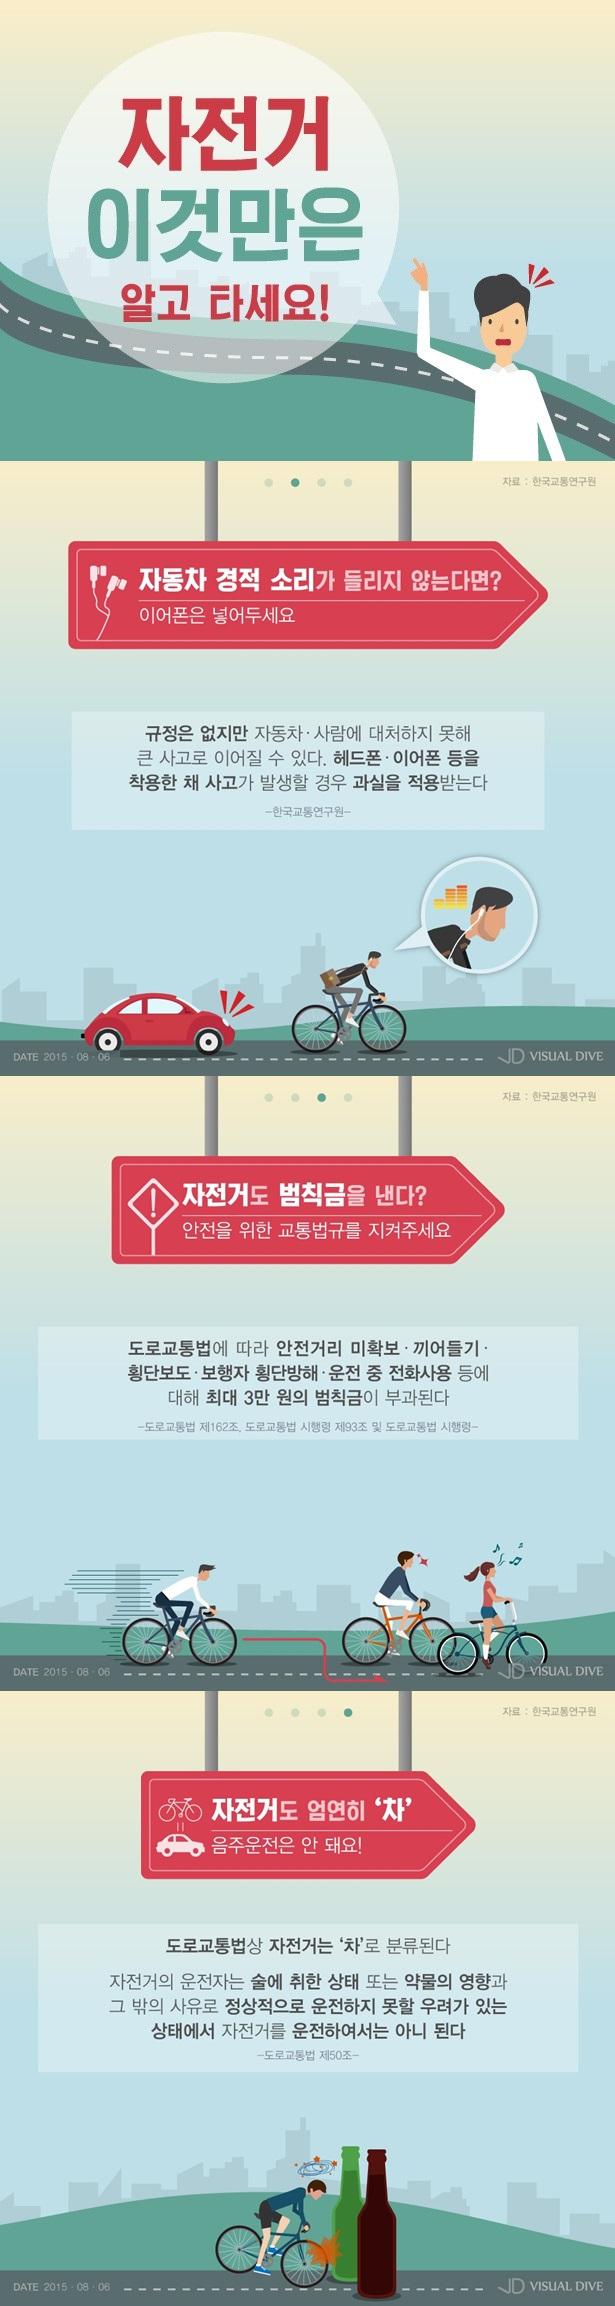 '자전거'도 범칙금 낼까? 교통법규 알고타자 [카드뉴스] #Bicycle / #Infographic ⓒ 비주얼다이브 무단 복사·전재·재배포 금지